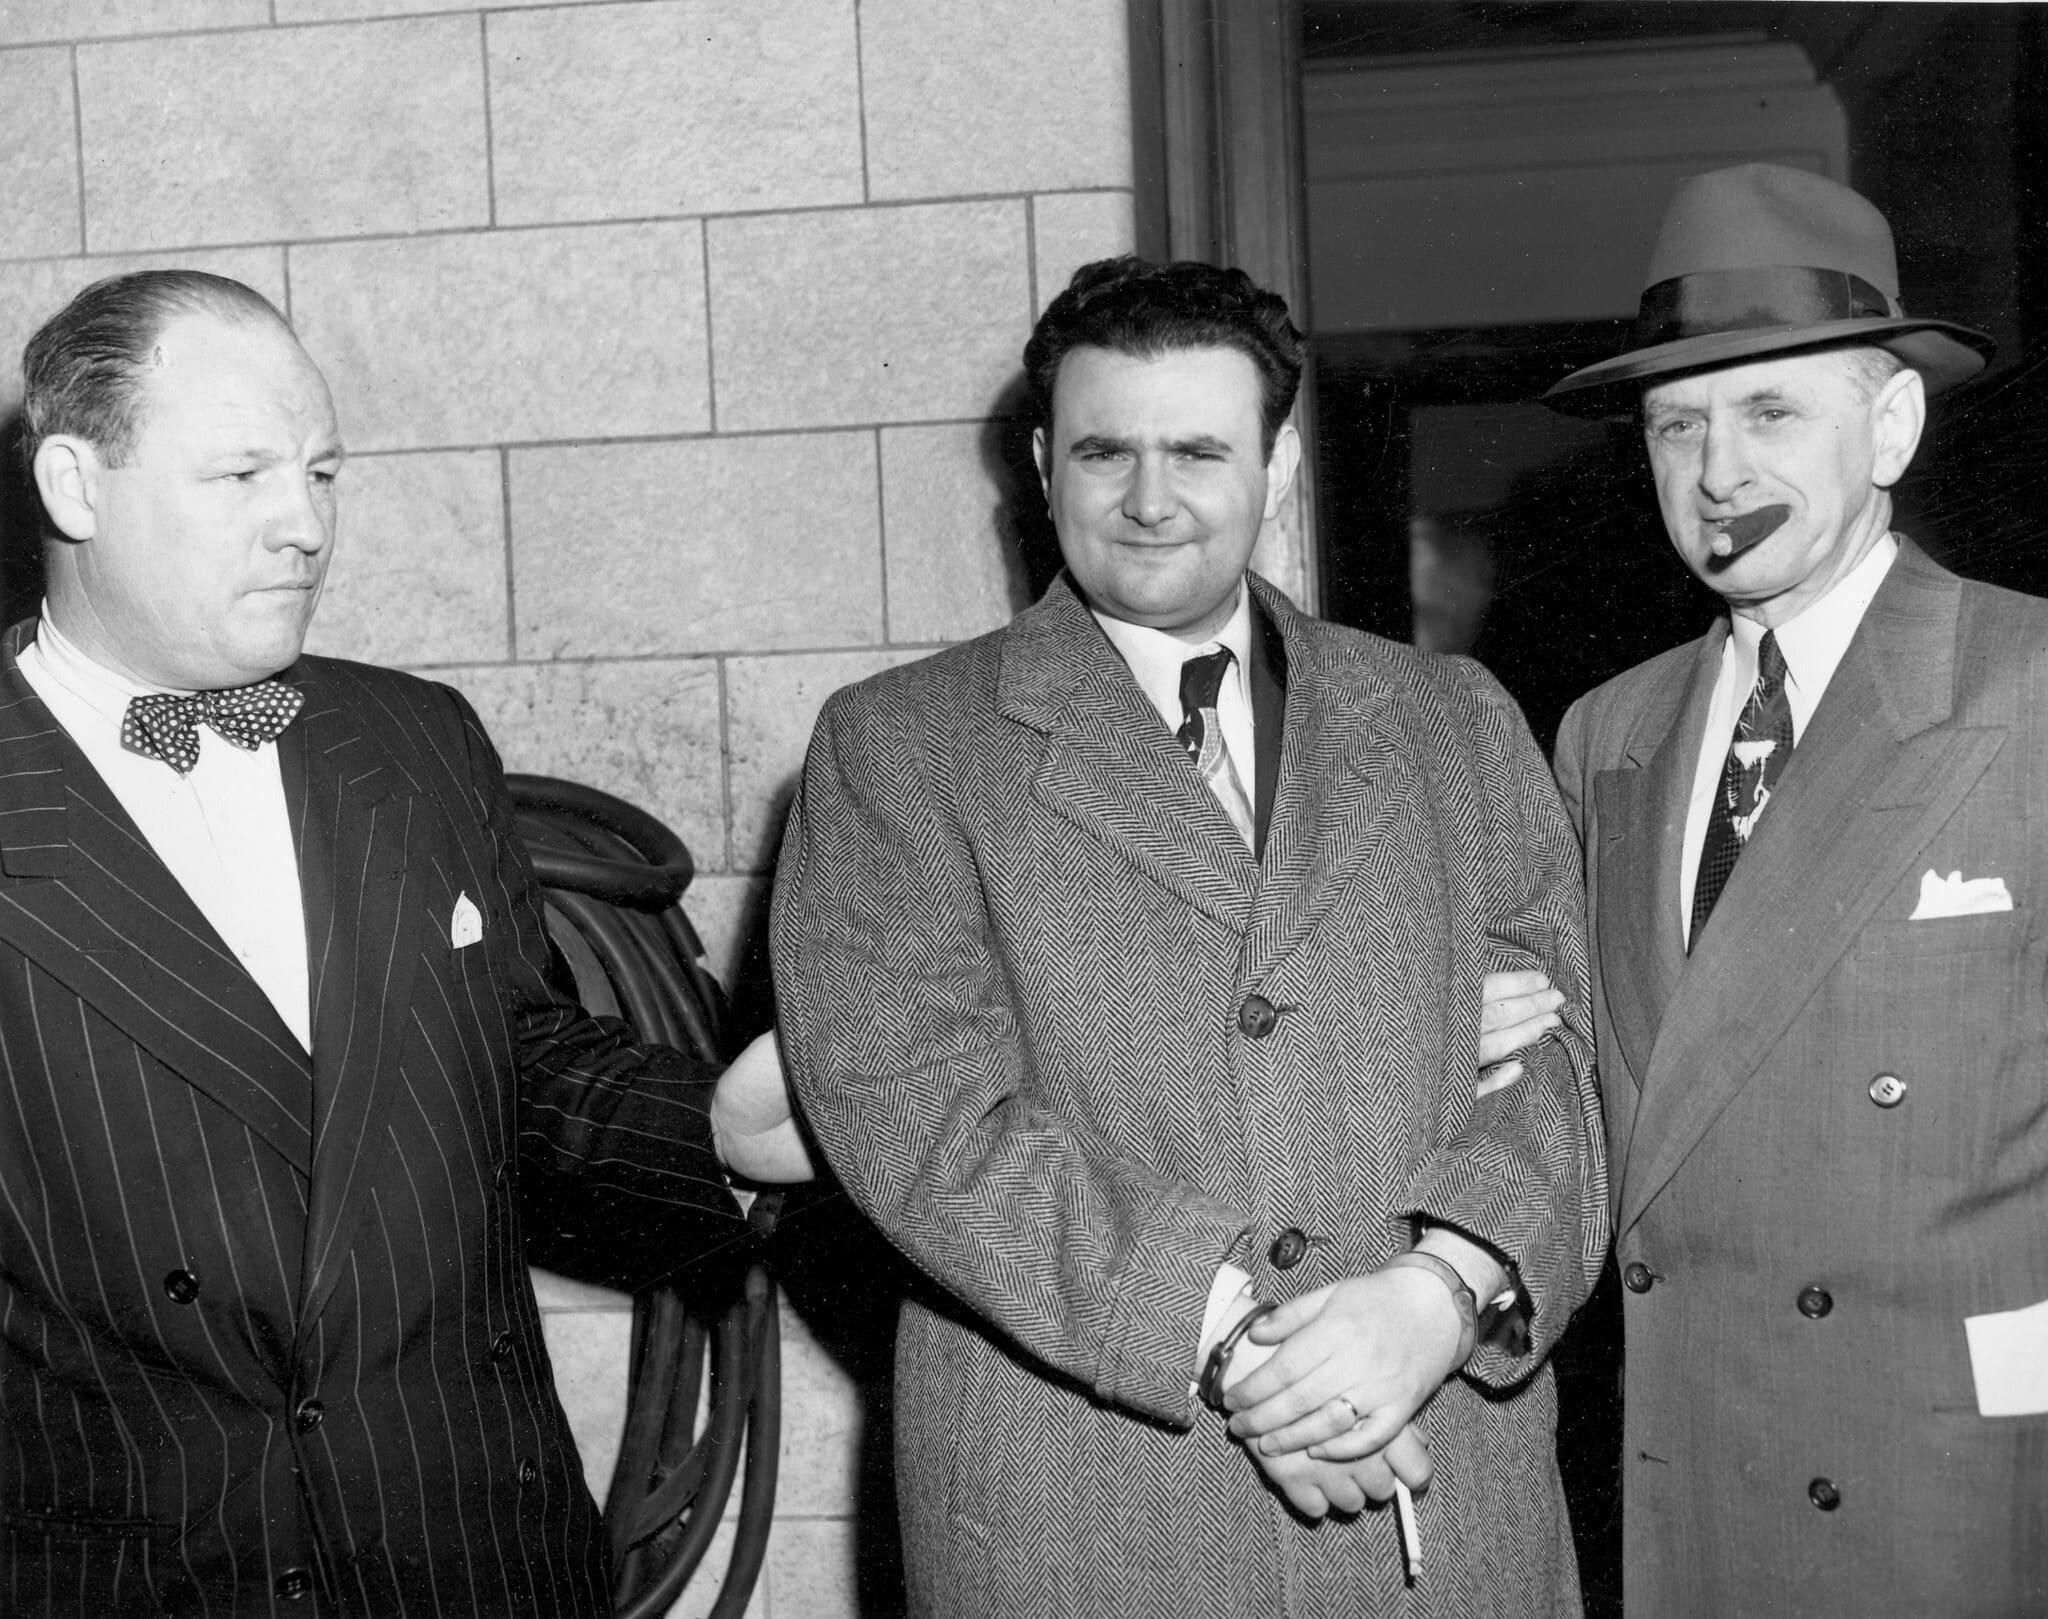 דייוויד גרינגלאס האזוק מלווה על ידי המרשל יוג'ין פיצג'רלד מבית המשפט הפדרלי בניו יורק אחרי שנידון ל-15 שנות מאסר, 6 באפריל 1951 (צילום: AP)